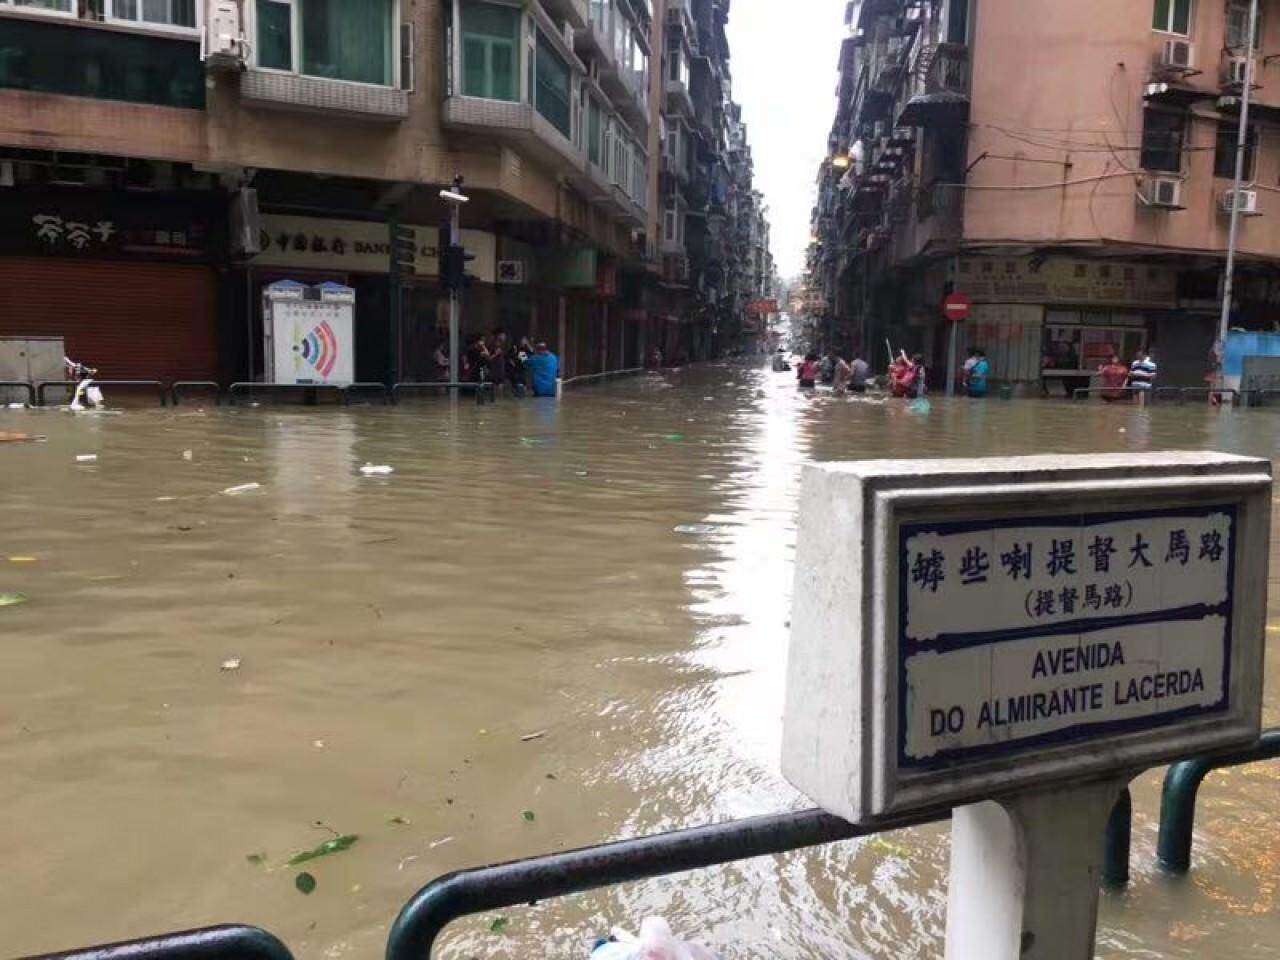 澳門罅些喇提督大馬路一帶受大雨影響,水深及腰,不少市民需要澗水而行。(澳門特約記者攝)